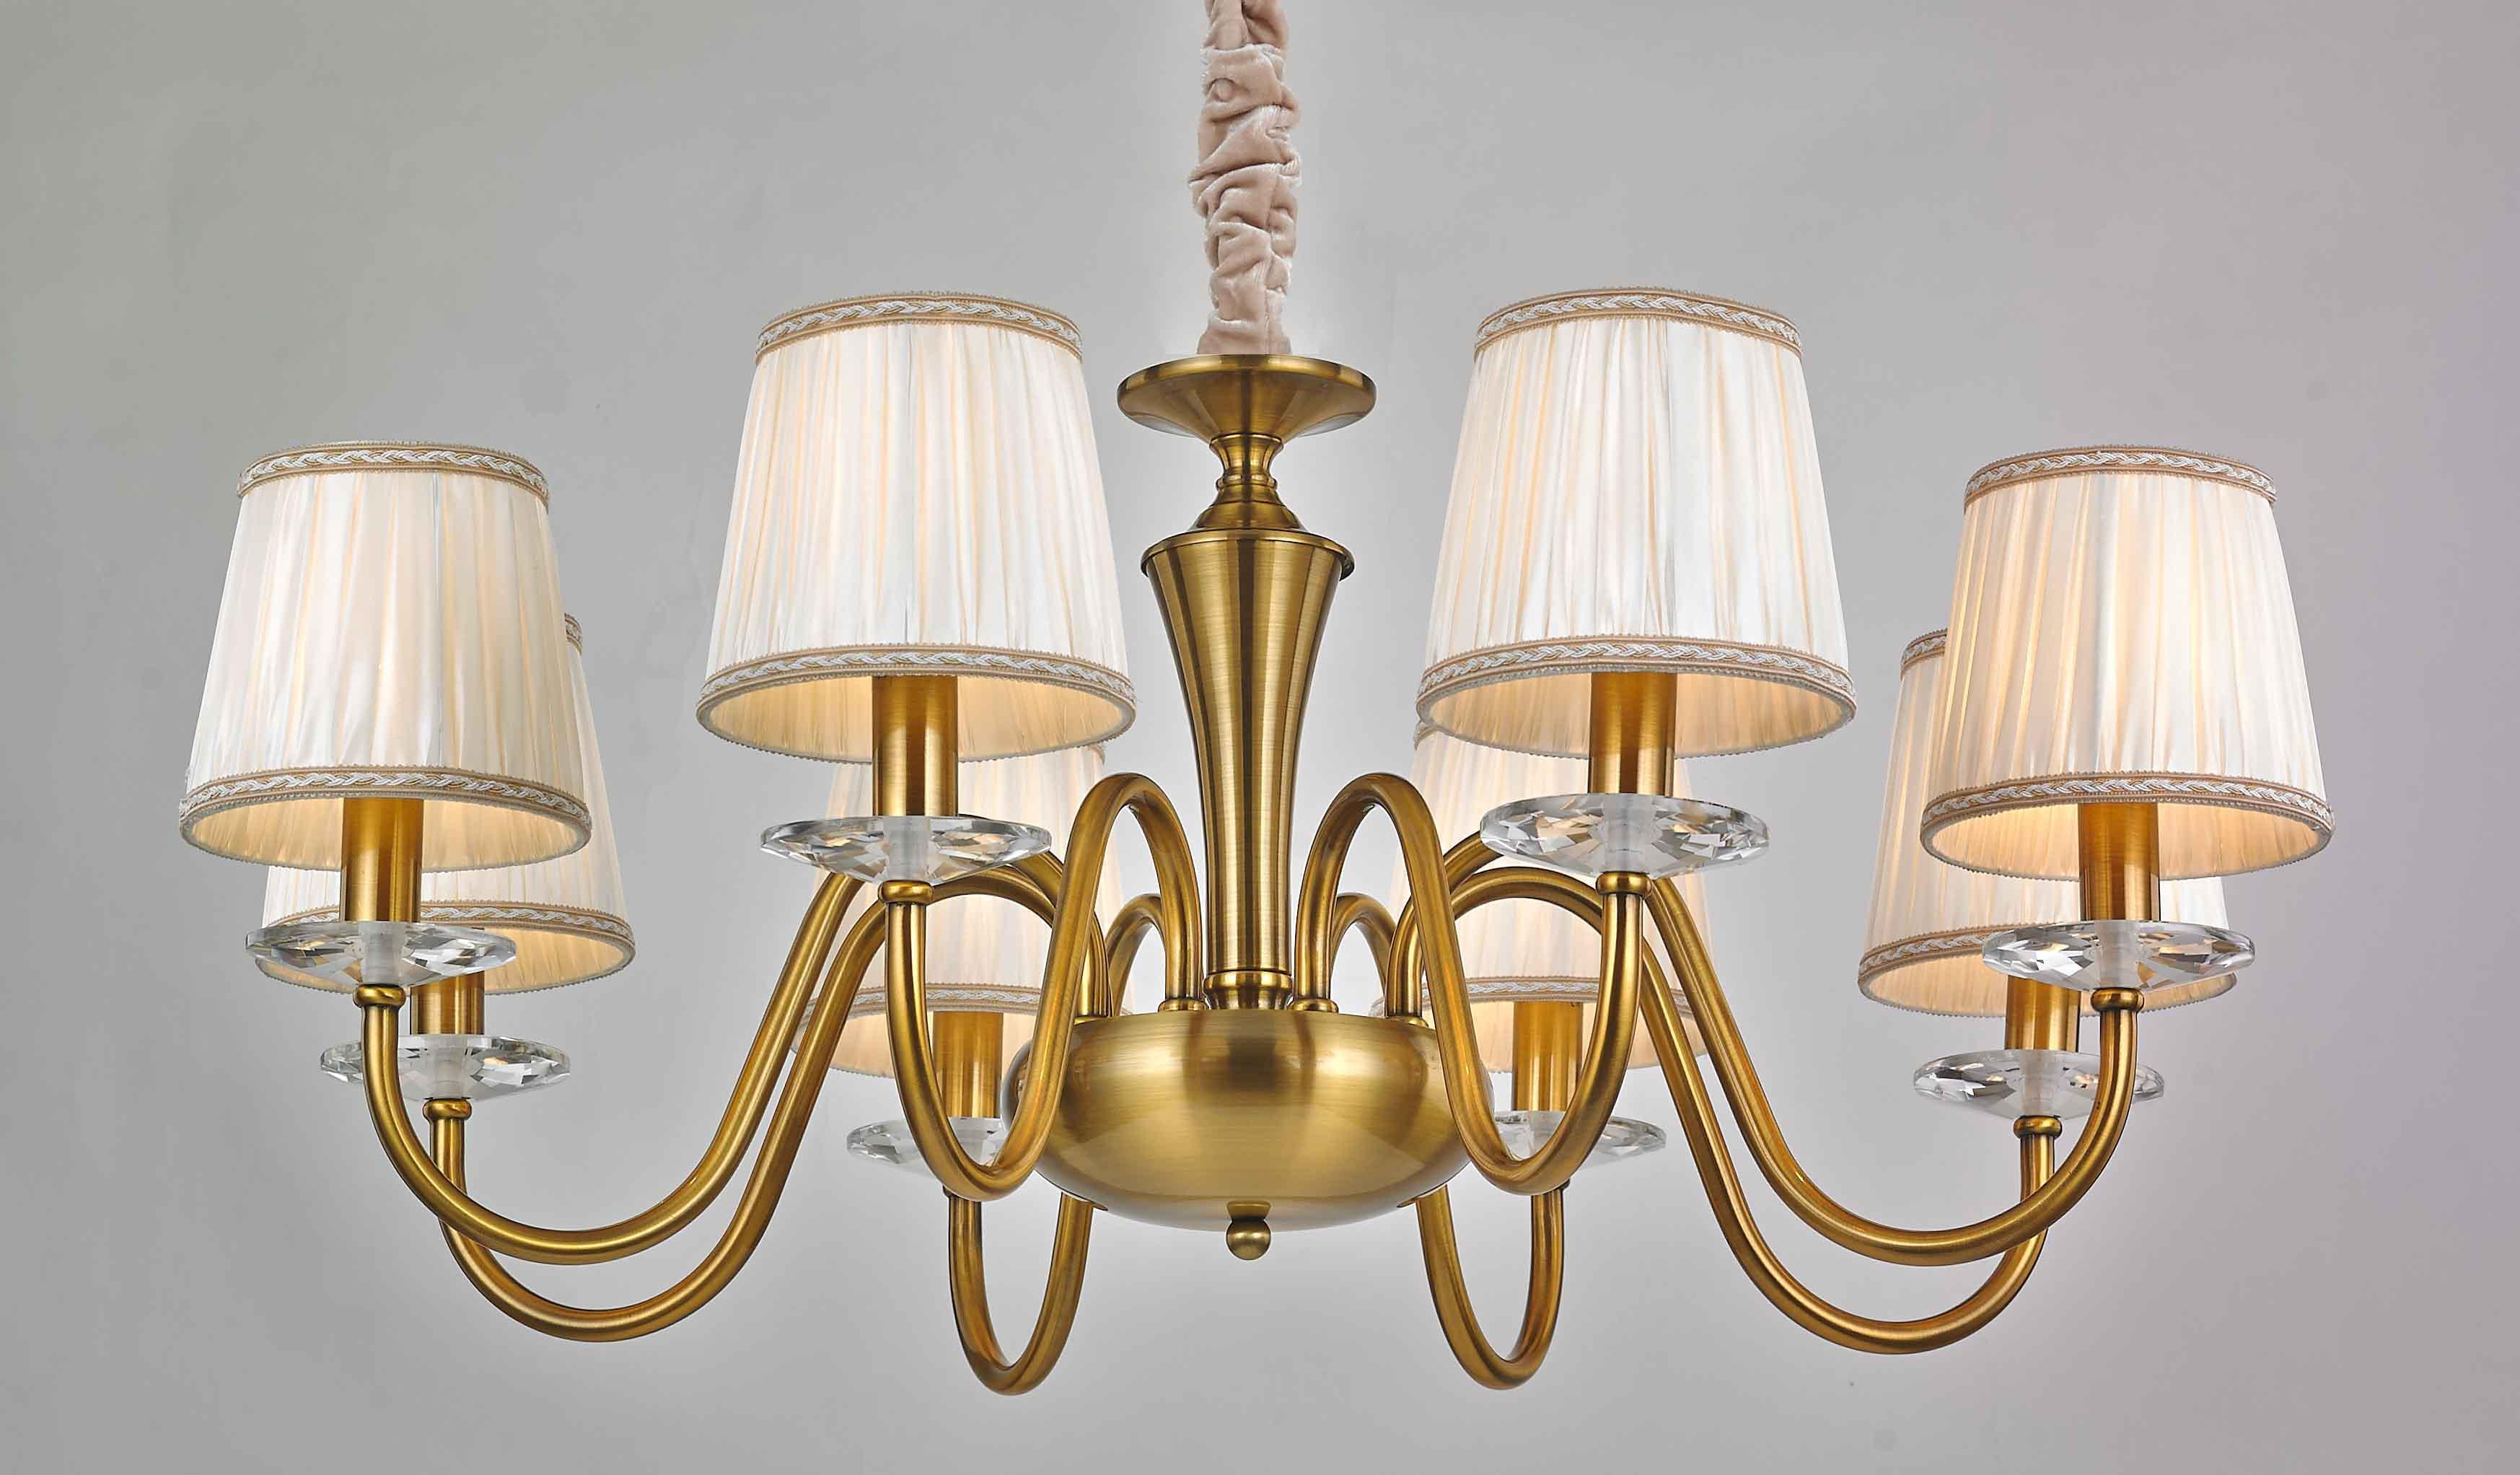 D2003 8 lampadari a sospensione lampada da parete 8 luci